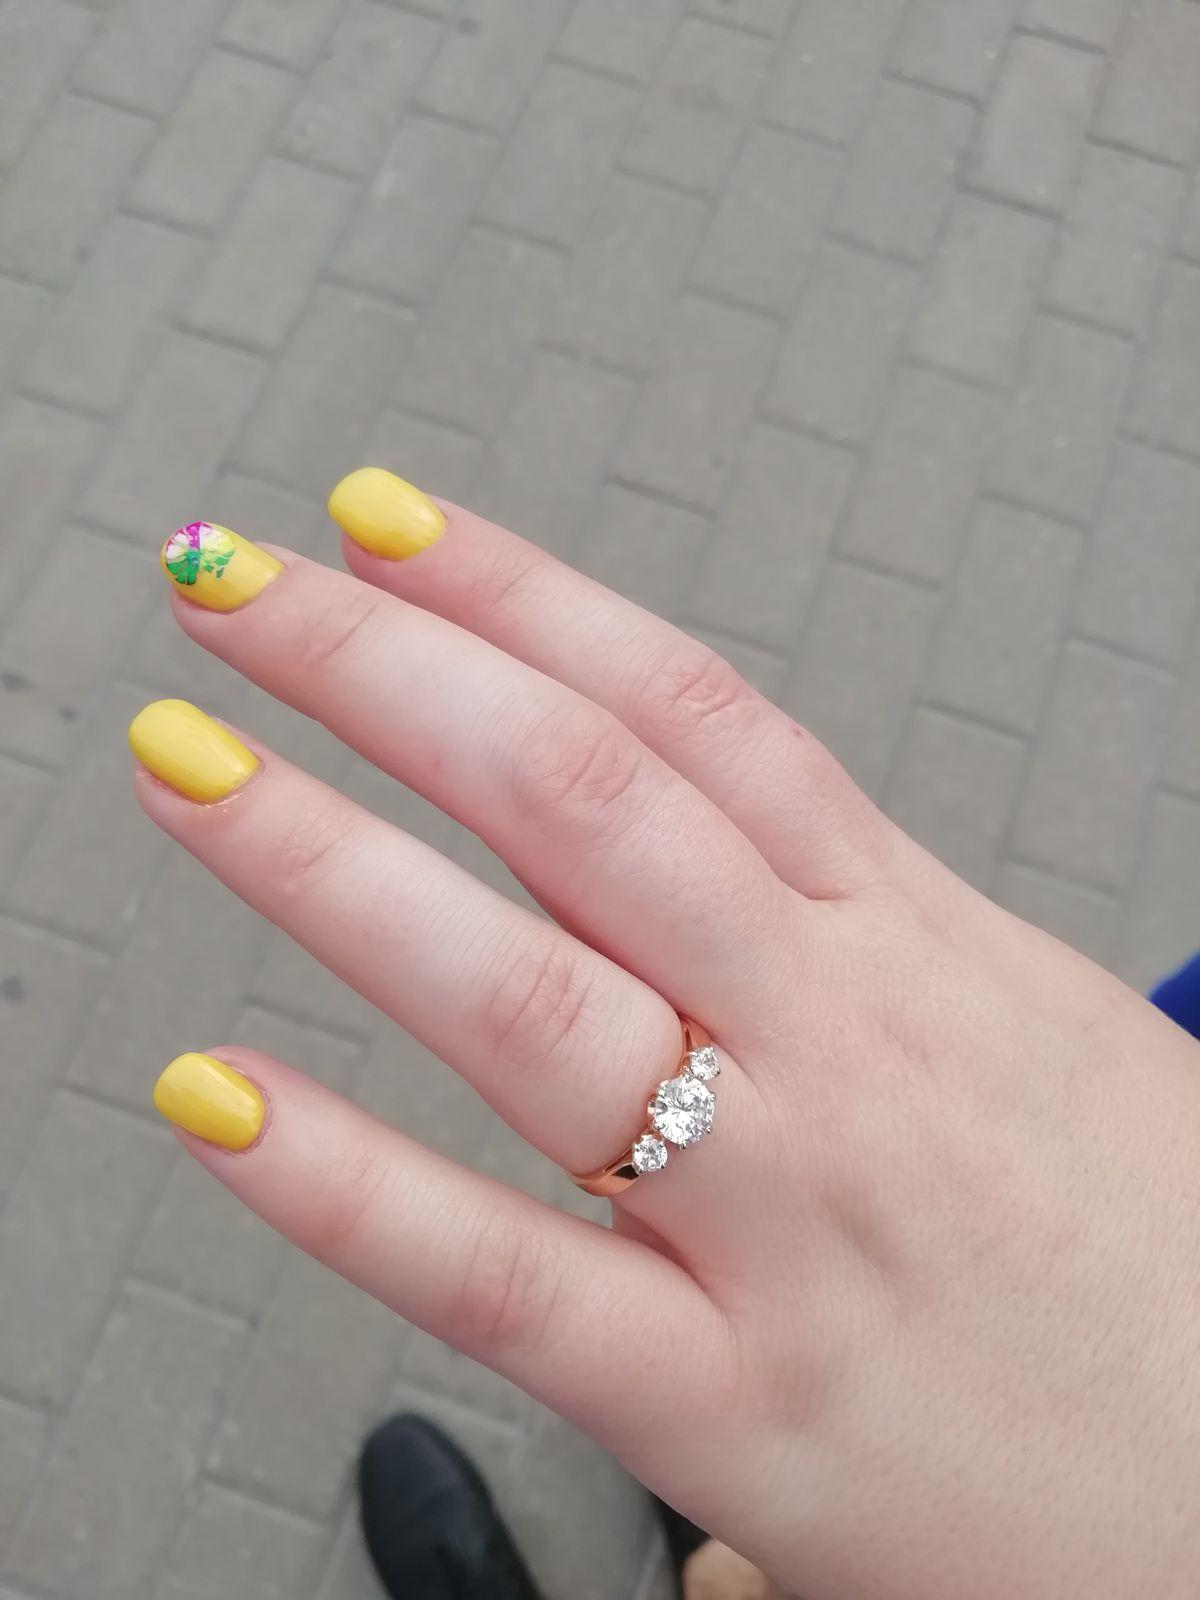 Кольцо очень красивое)) смотрится великолепно)) сделано очень аккуратно